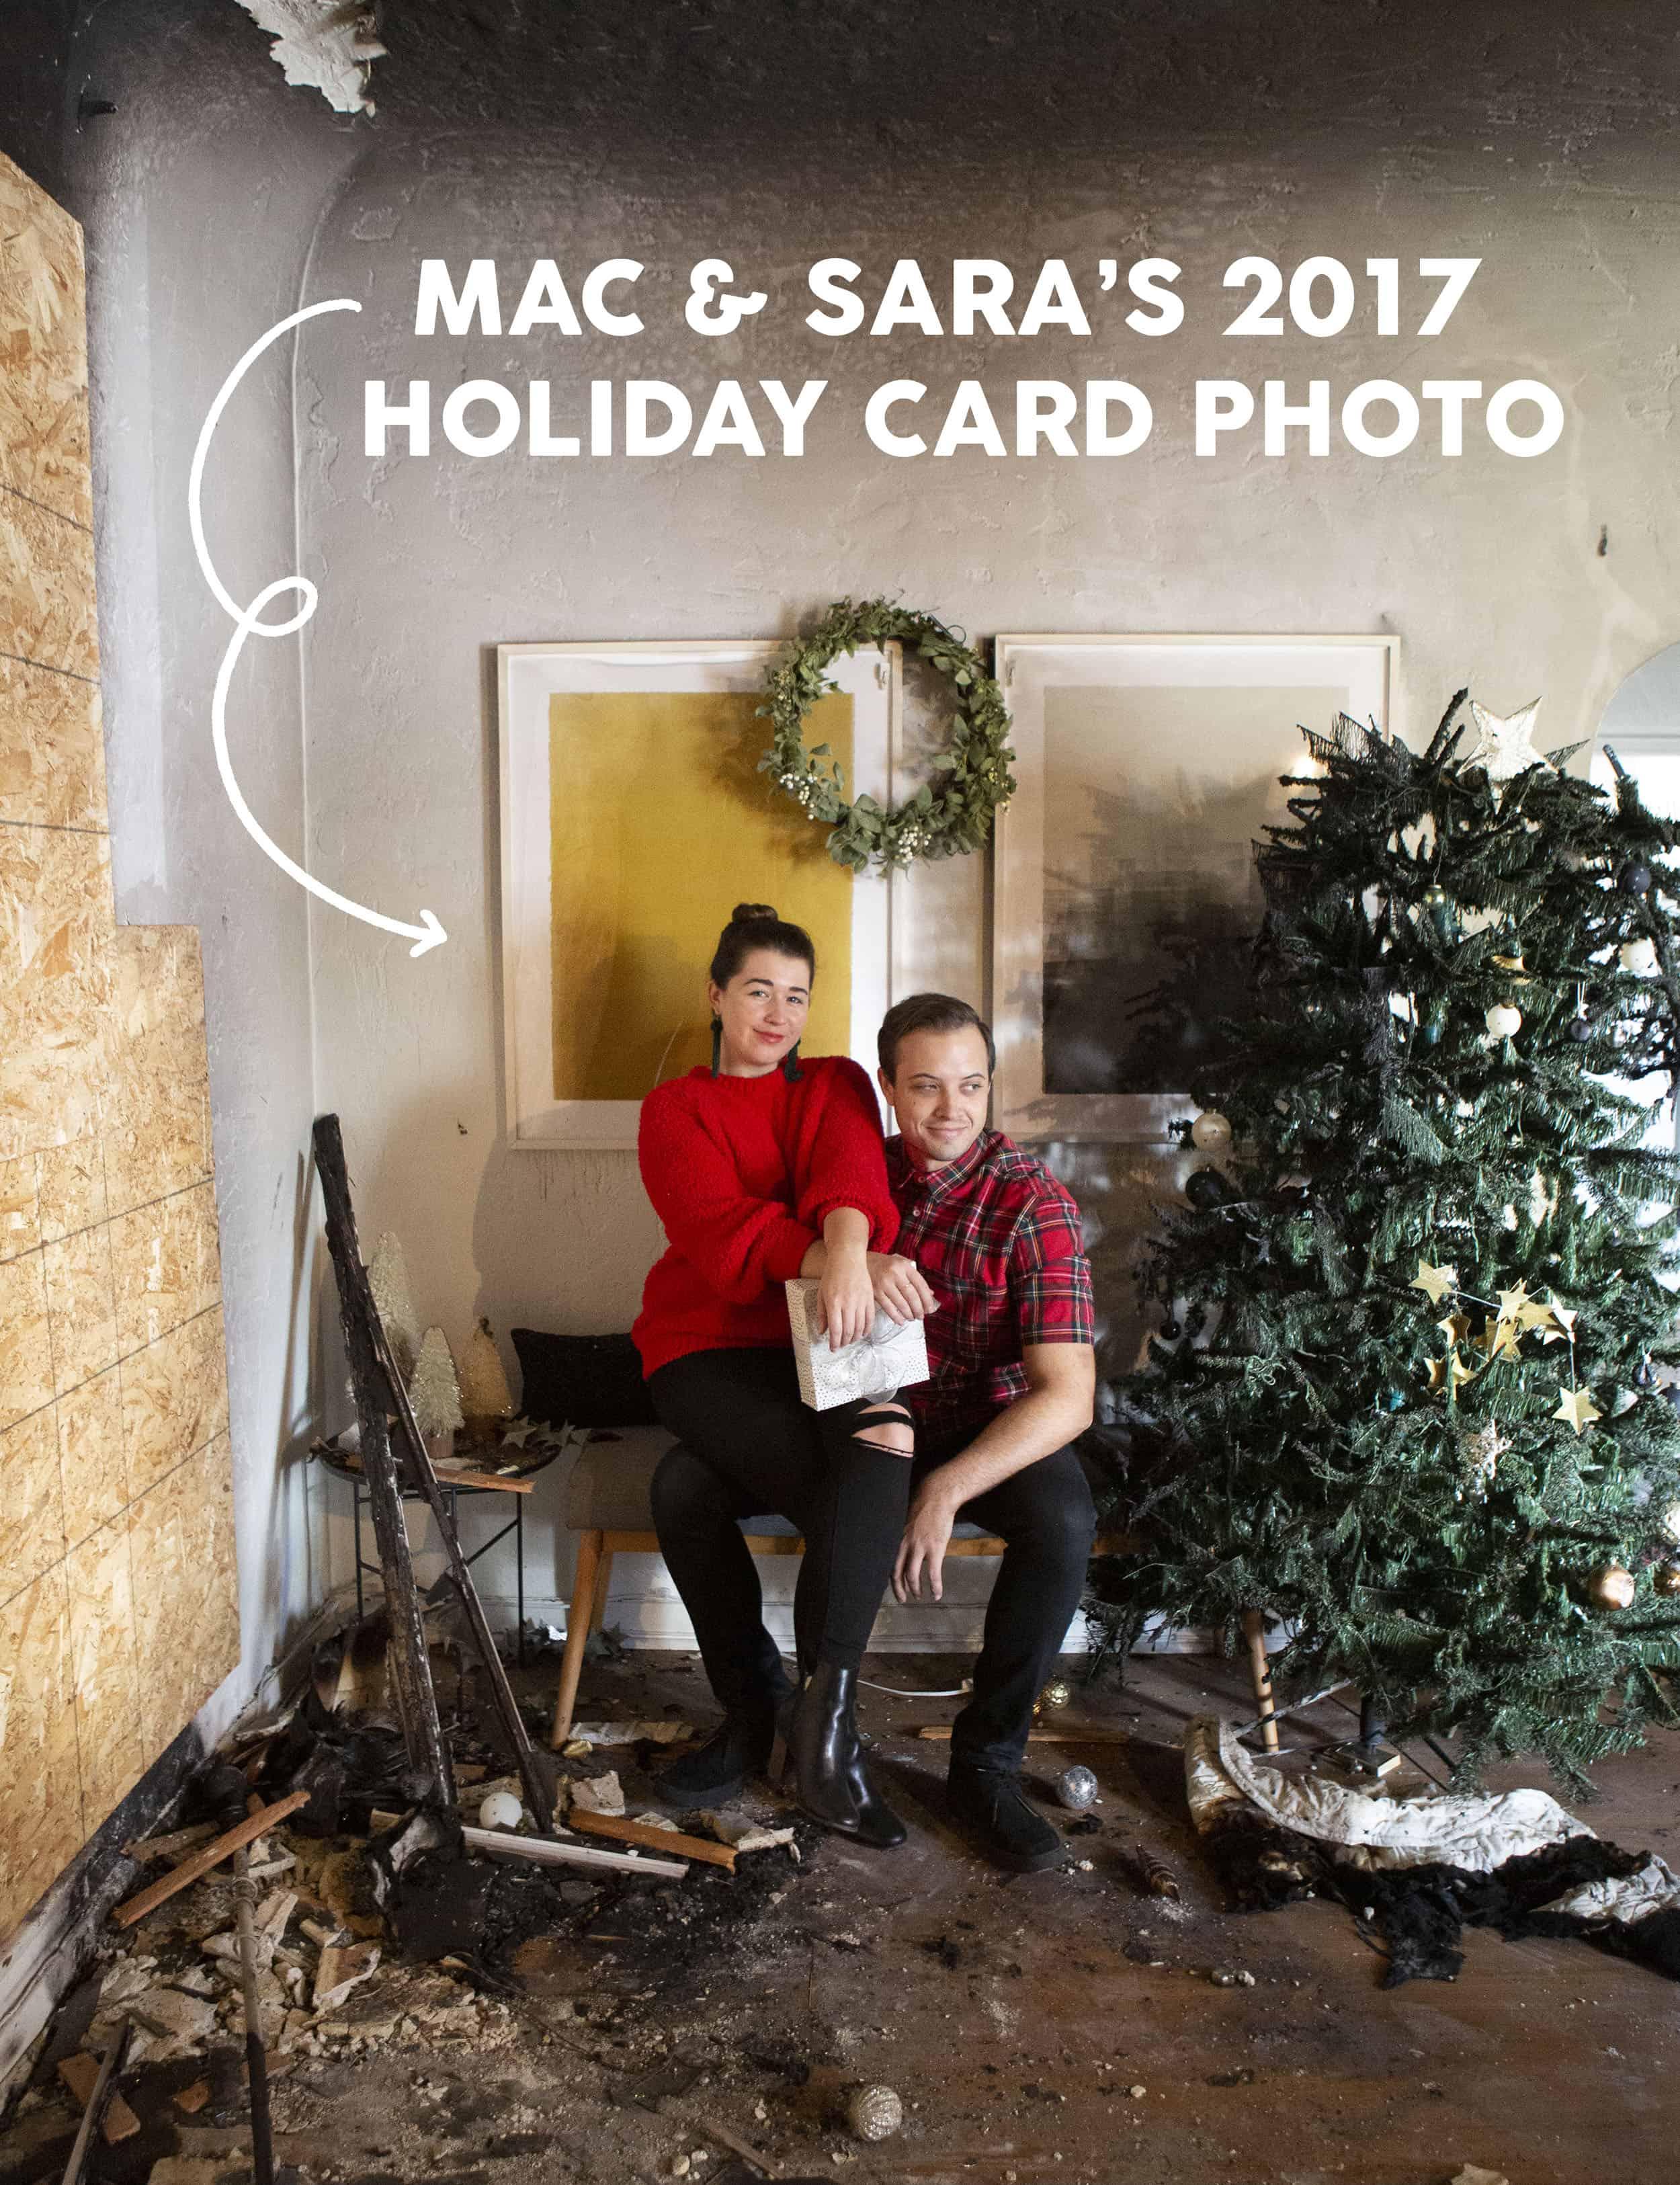 Sara&macchristmascard